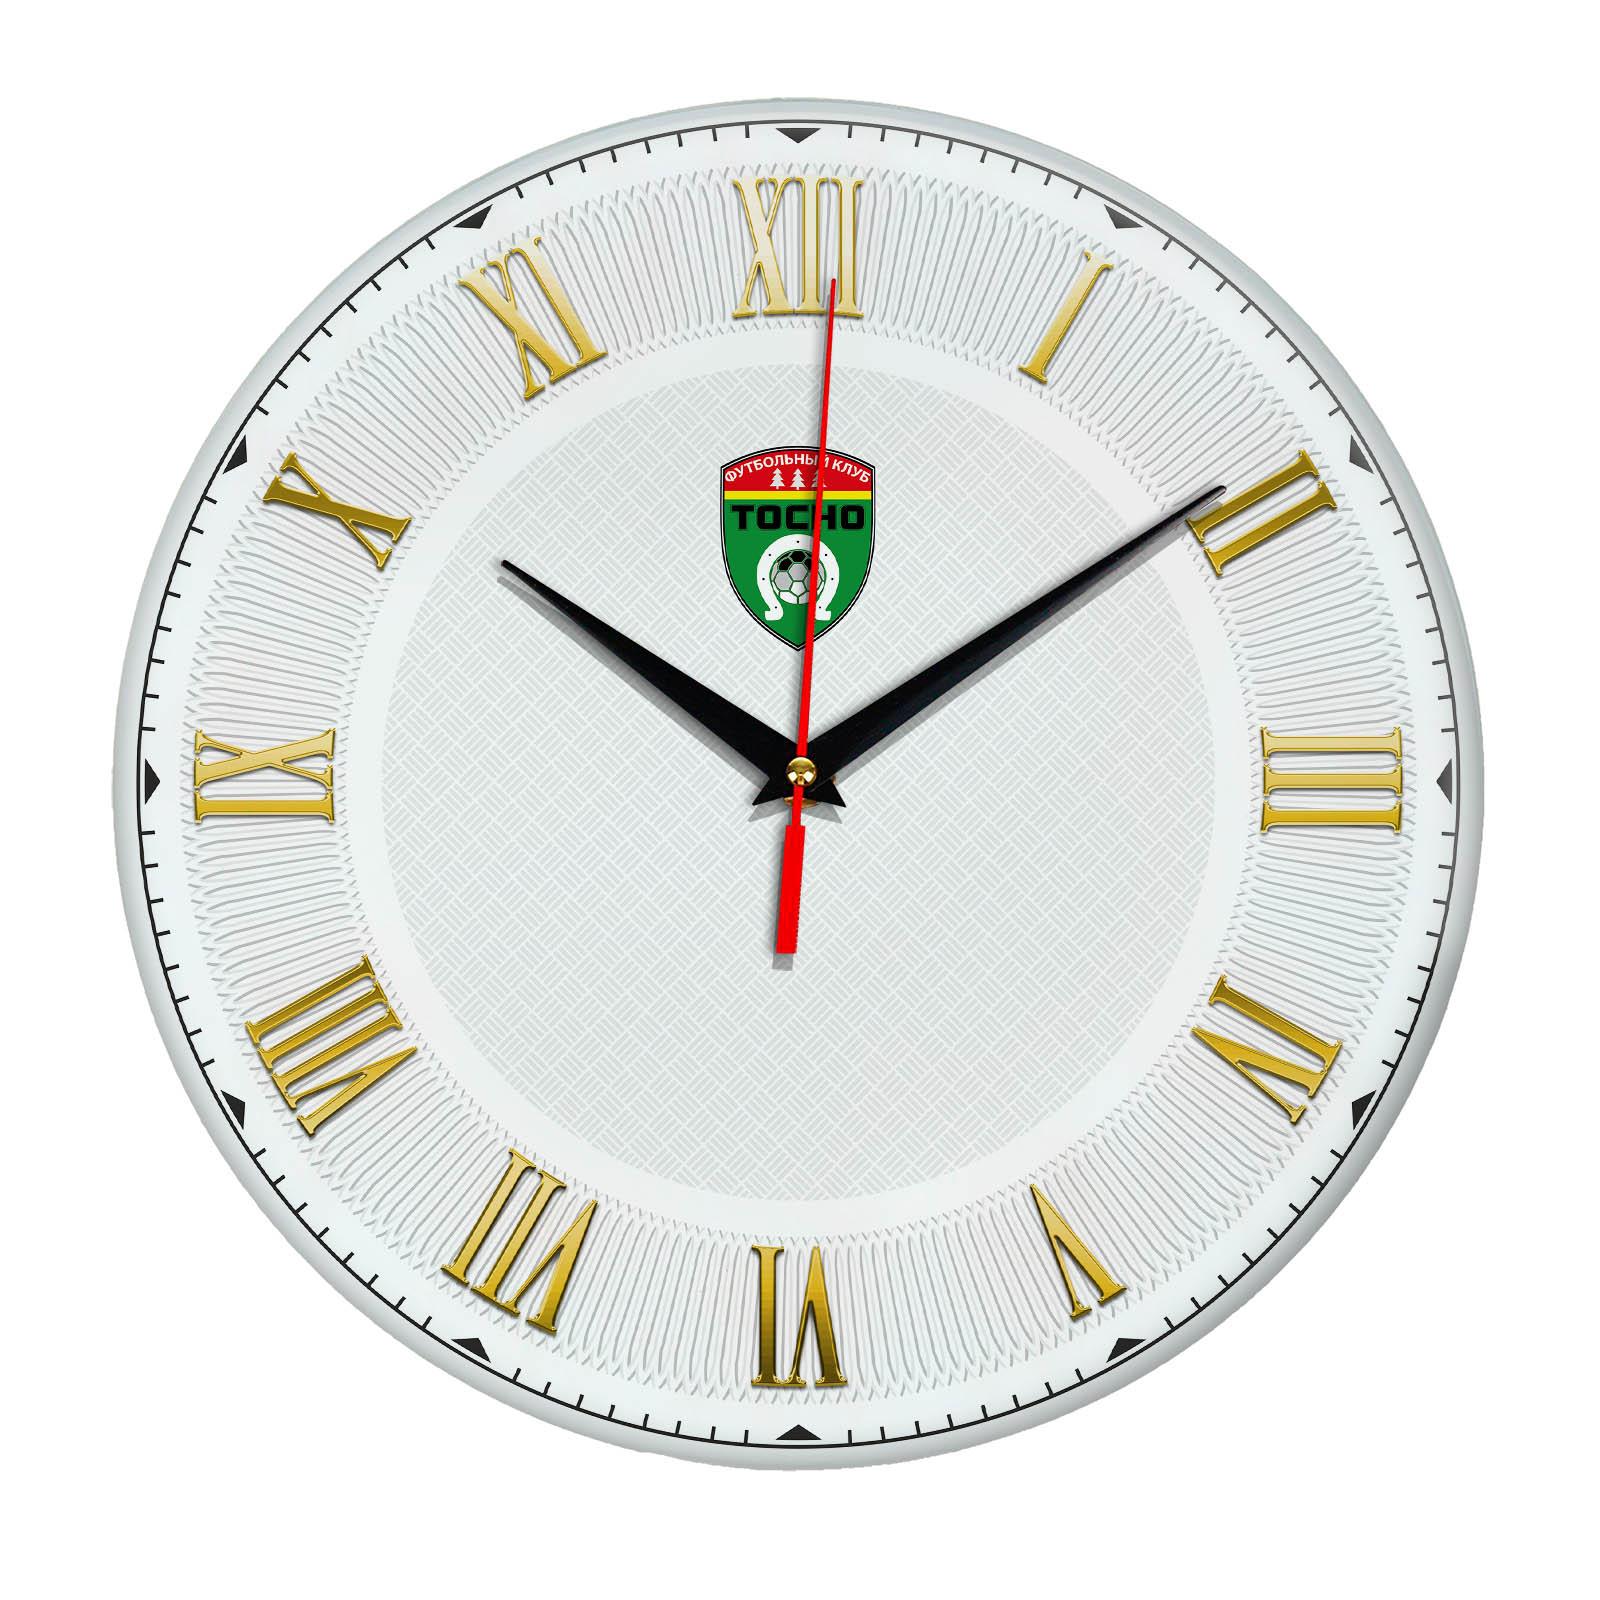 Настенные часы «Футбольный клуб TOSNO»